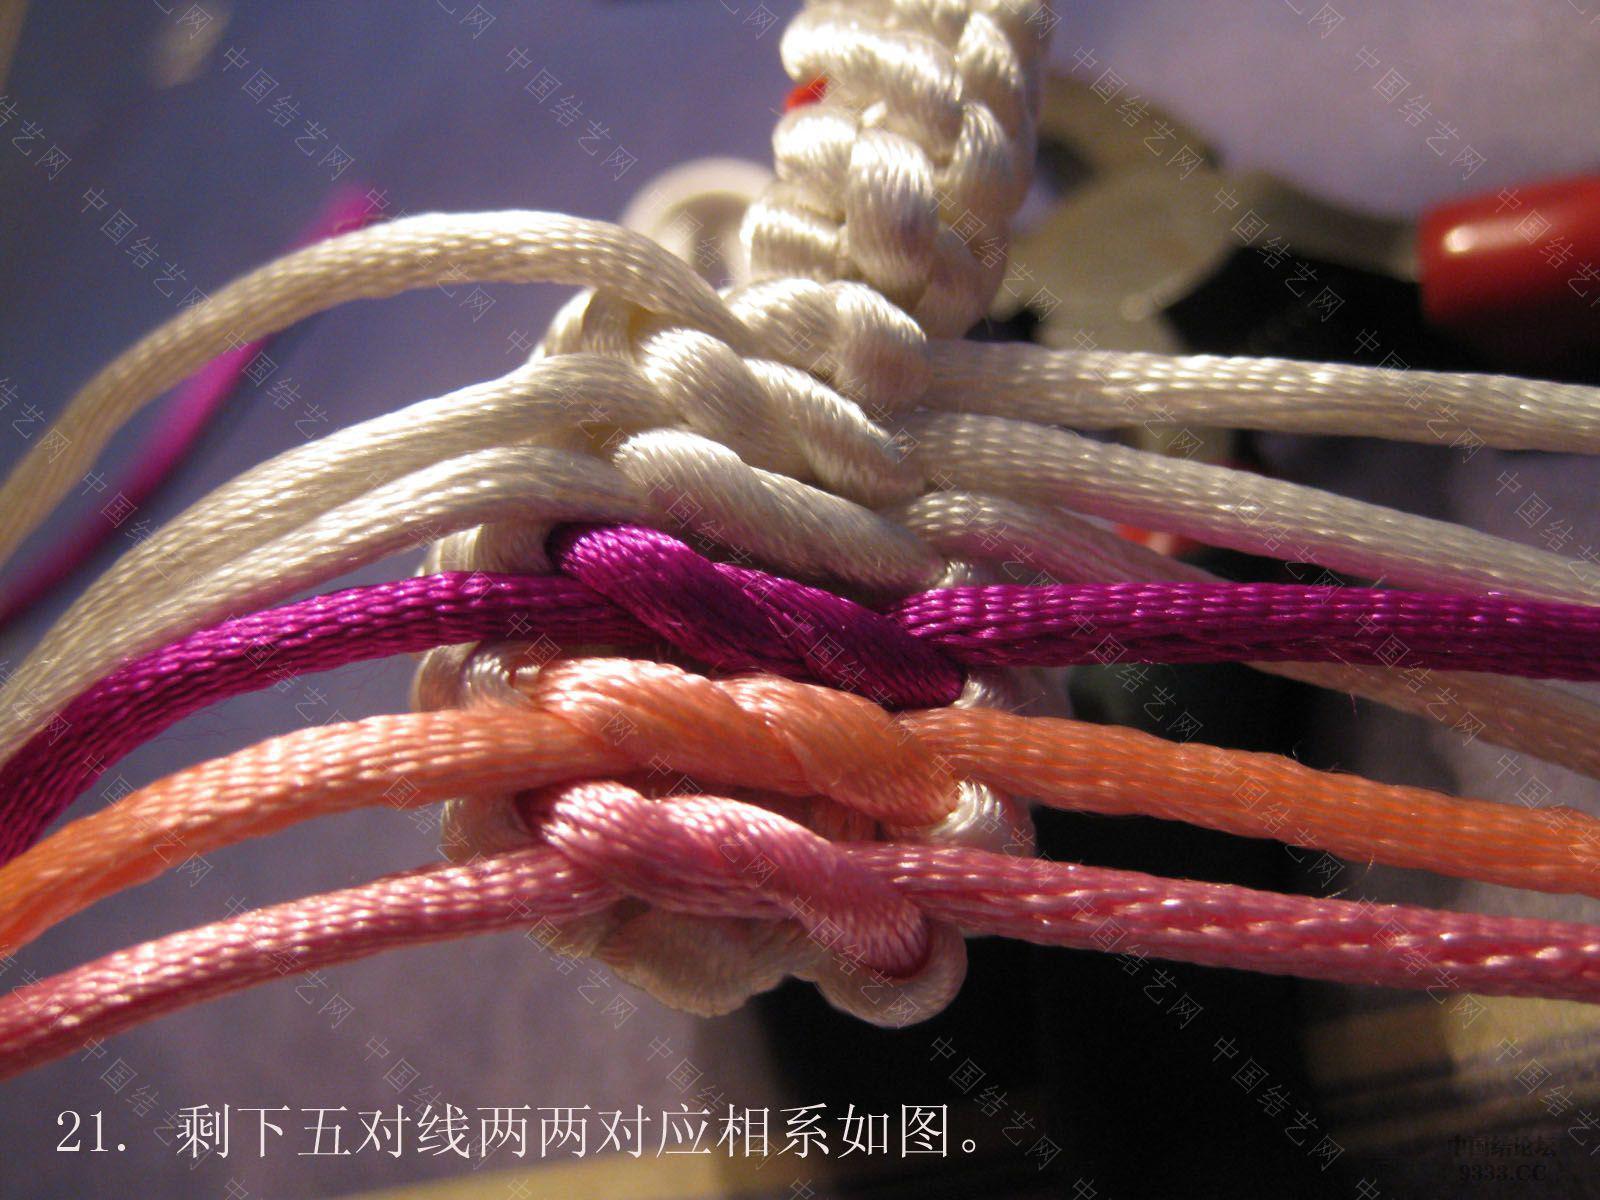 中国结论坛 学习一米老师编的天鹅的图文教程  立体绳结教程与交流区 091026150271b64a8ebc7e405a